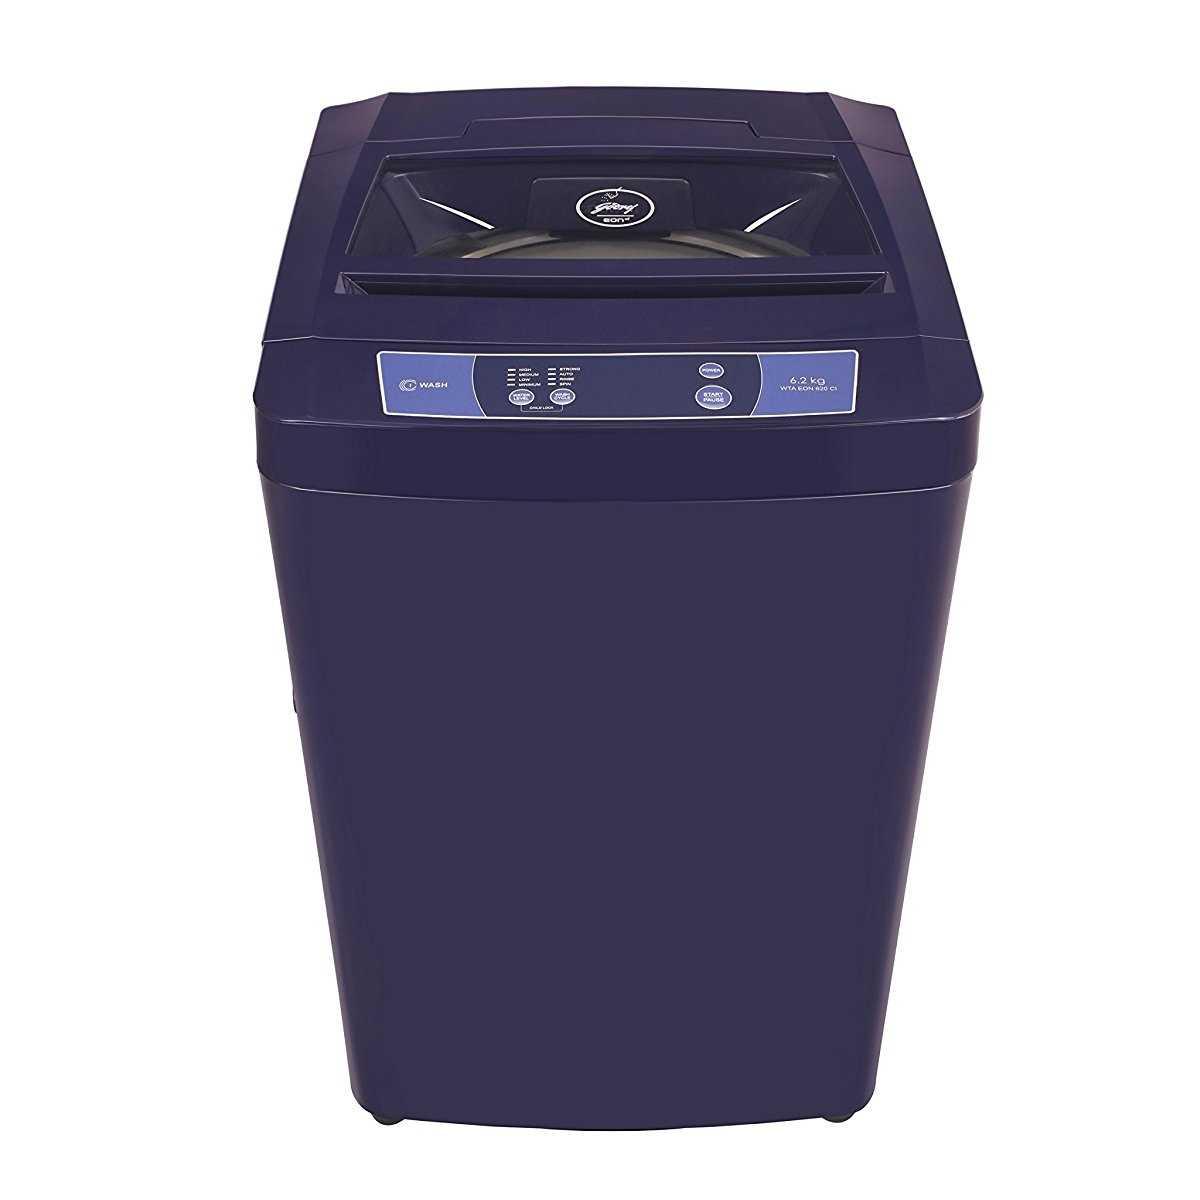 Godrej WTA 620 CI 6.2 Kg Fully Automatic Top Loading Washing Machine